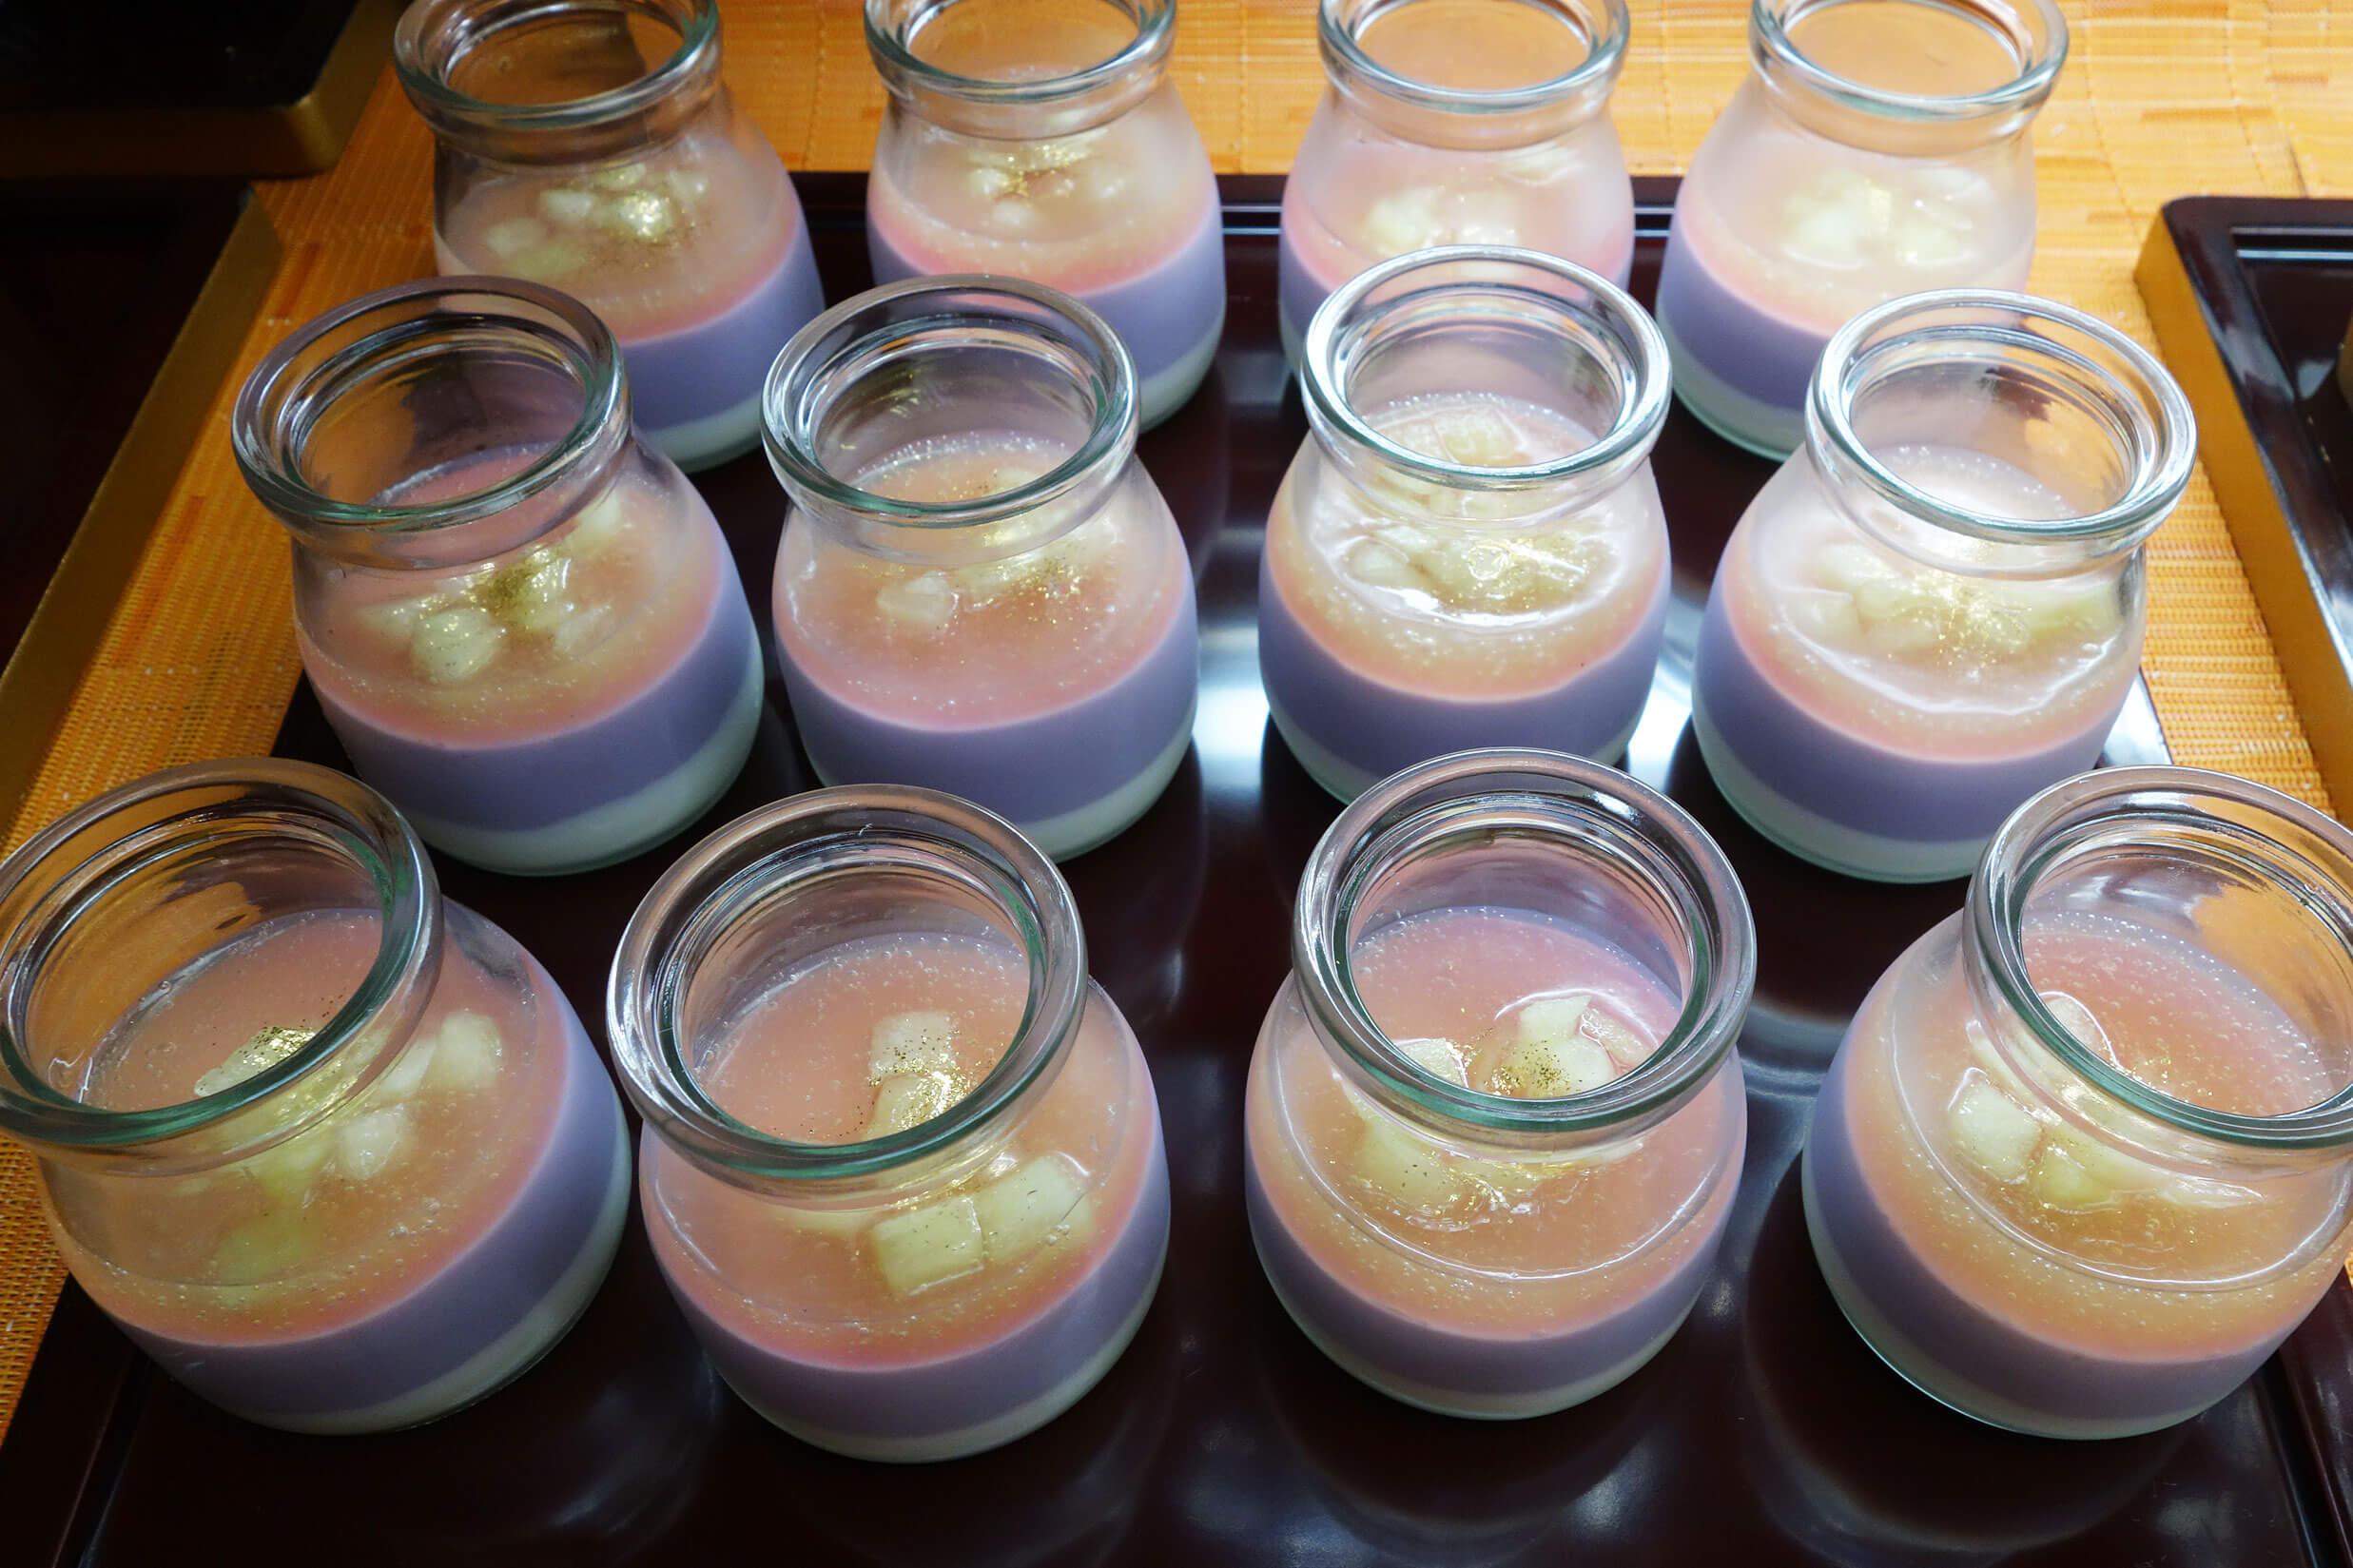 重ねられた層が美しい紫芋のプリン